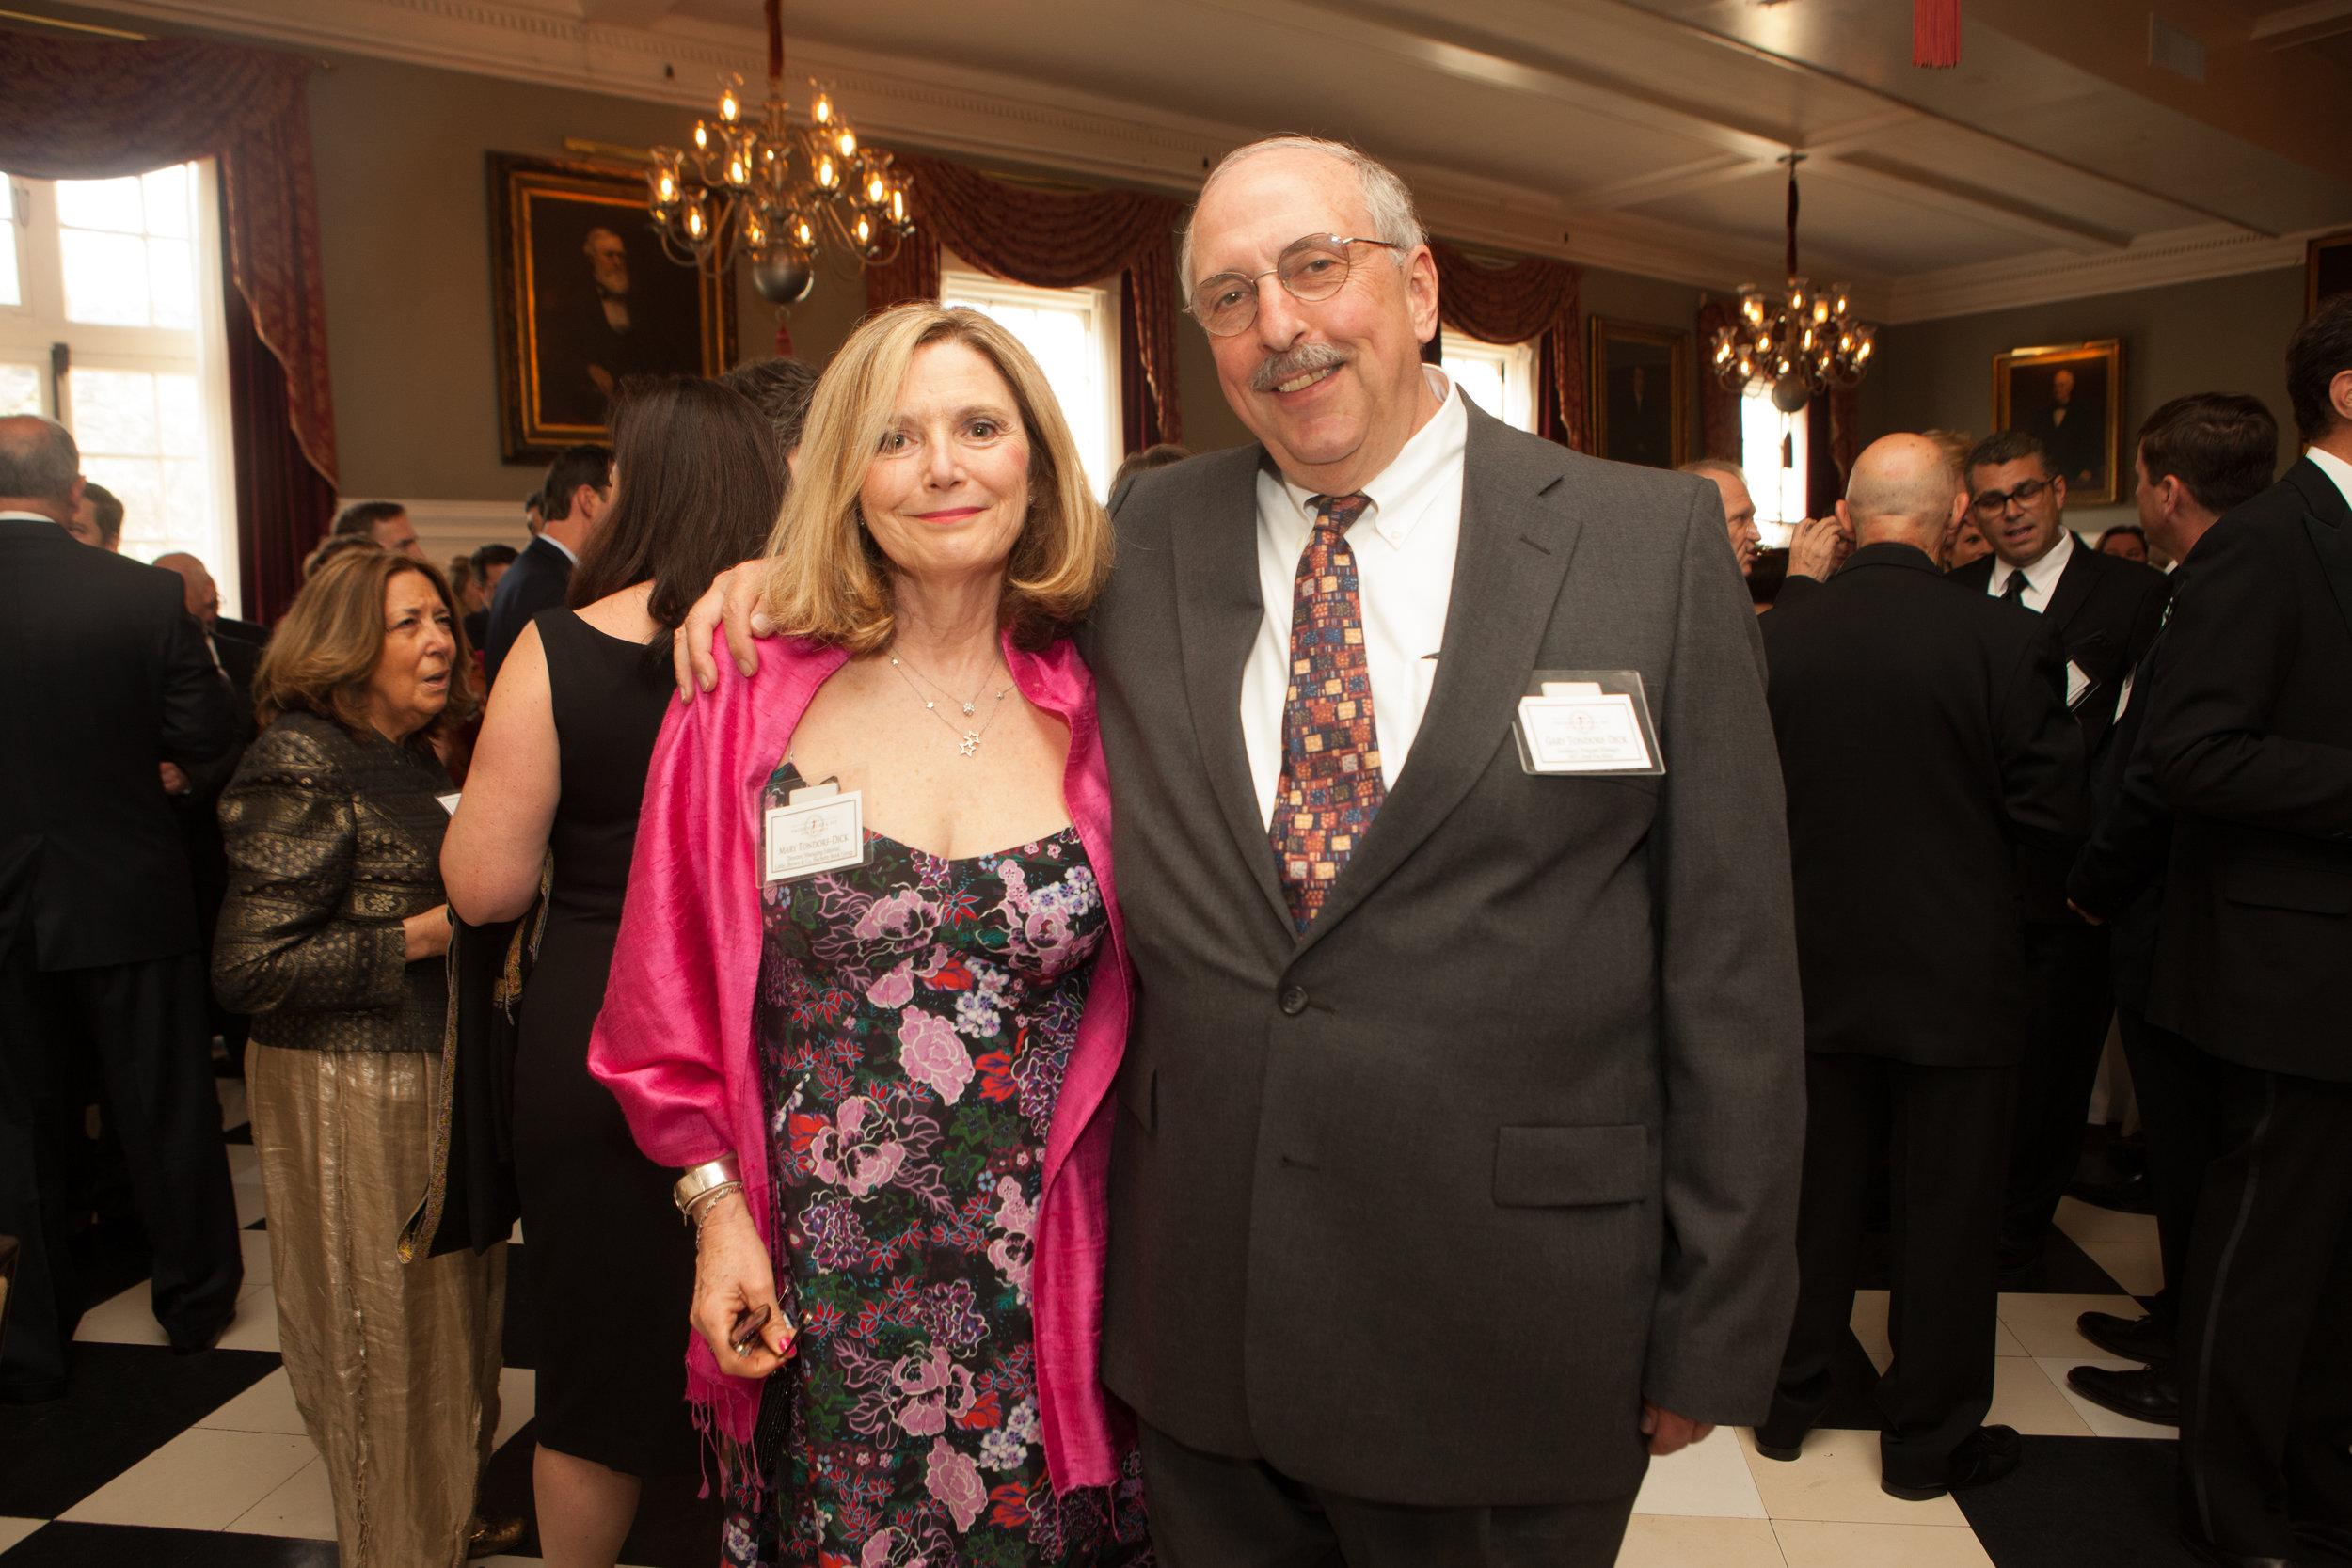 Mary and Gary Tondorf-Dick